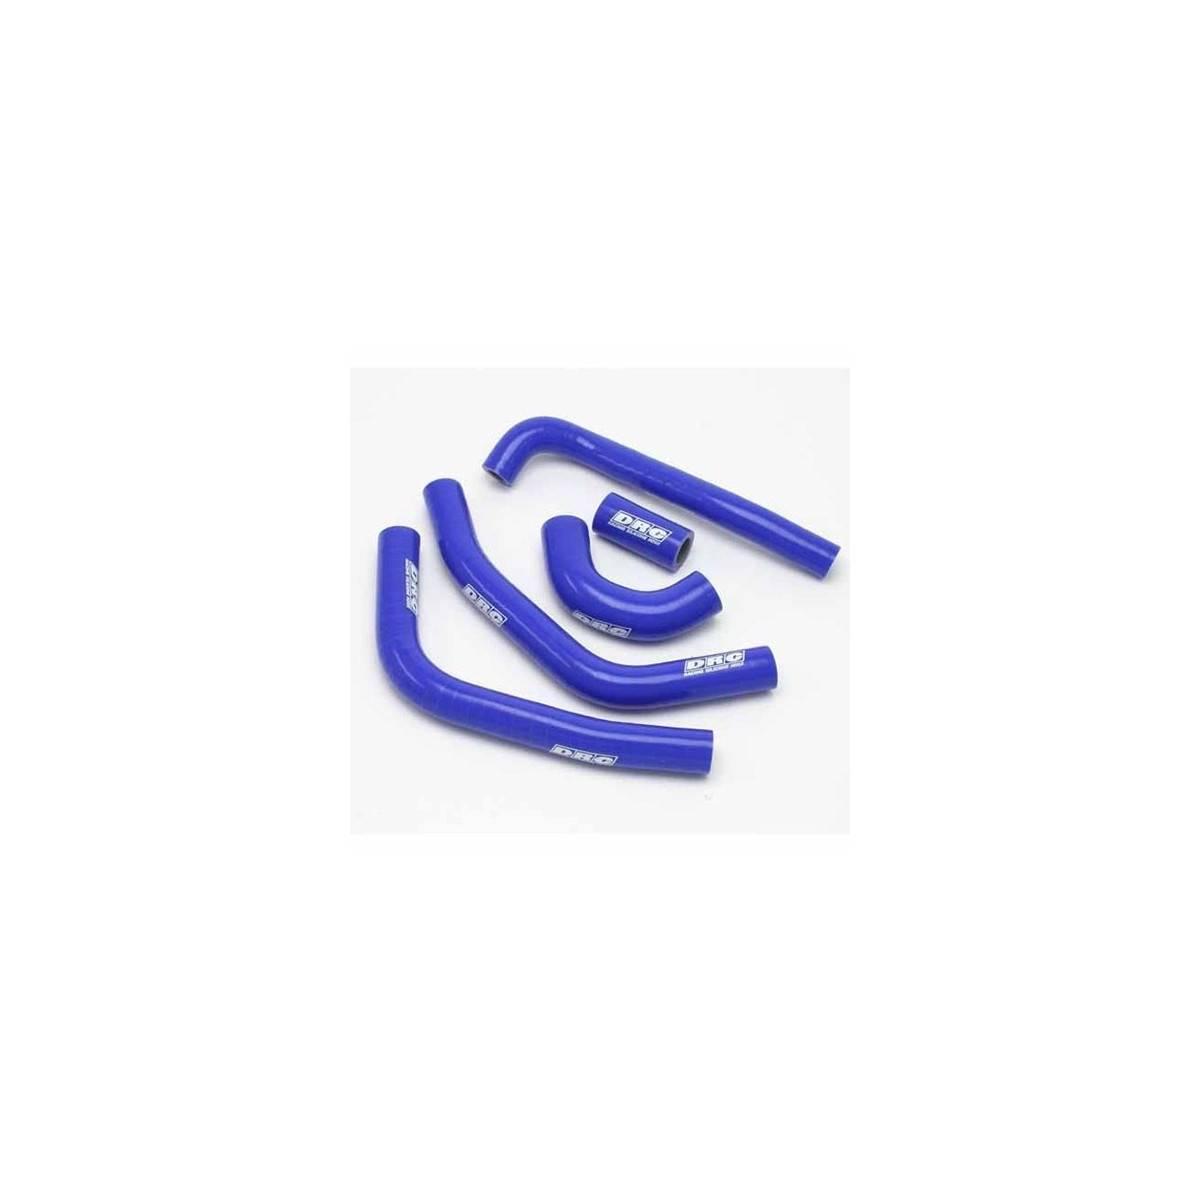 D47.01.752 - Kit Manguitos Radiador Yamaha Yz250Fx ´15-,Wr250Fâ´15 Azul